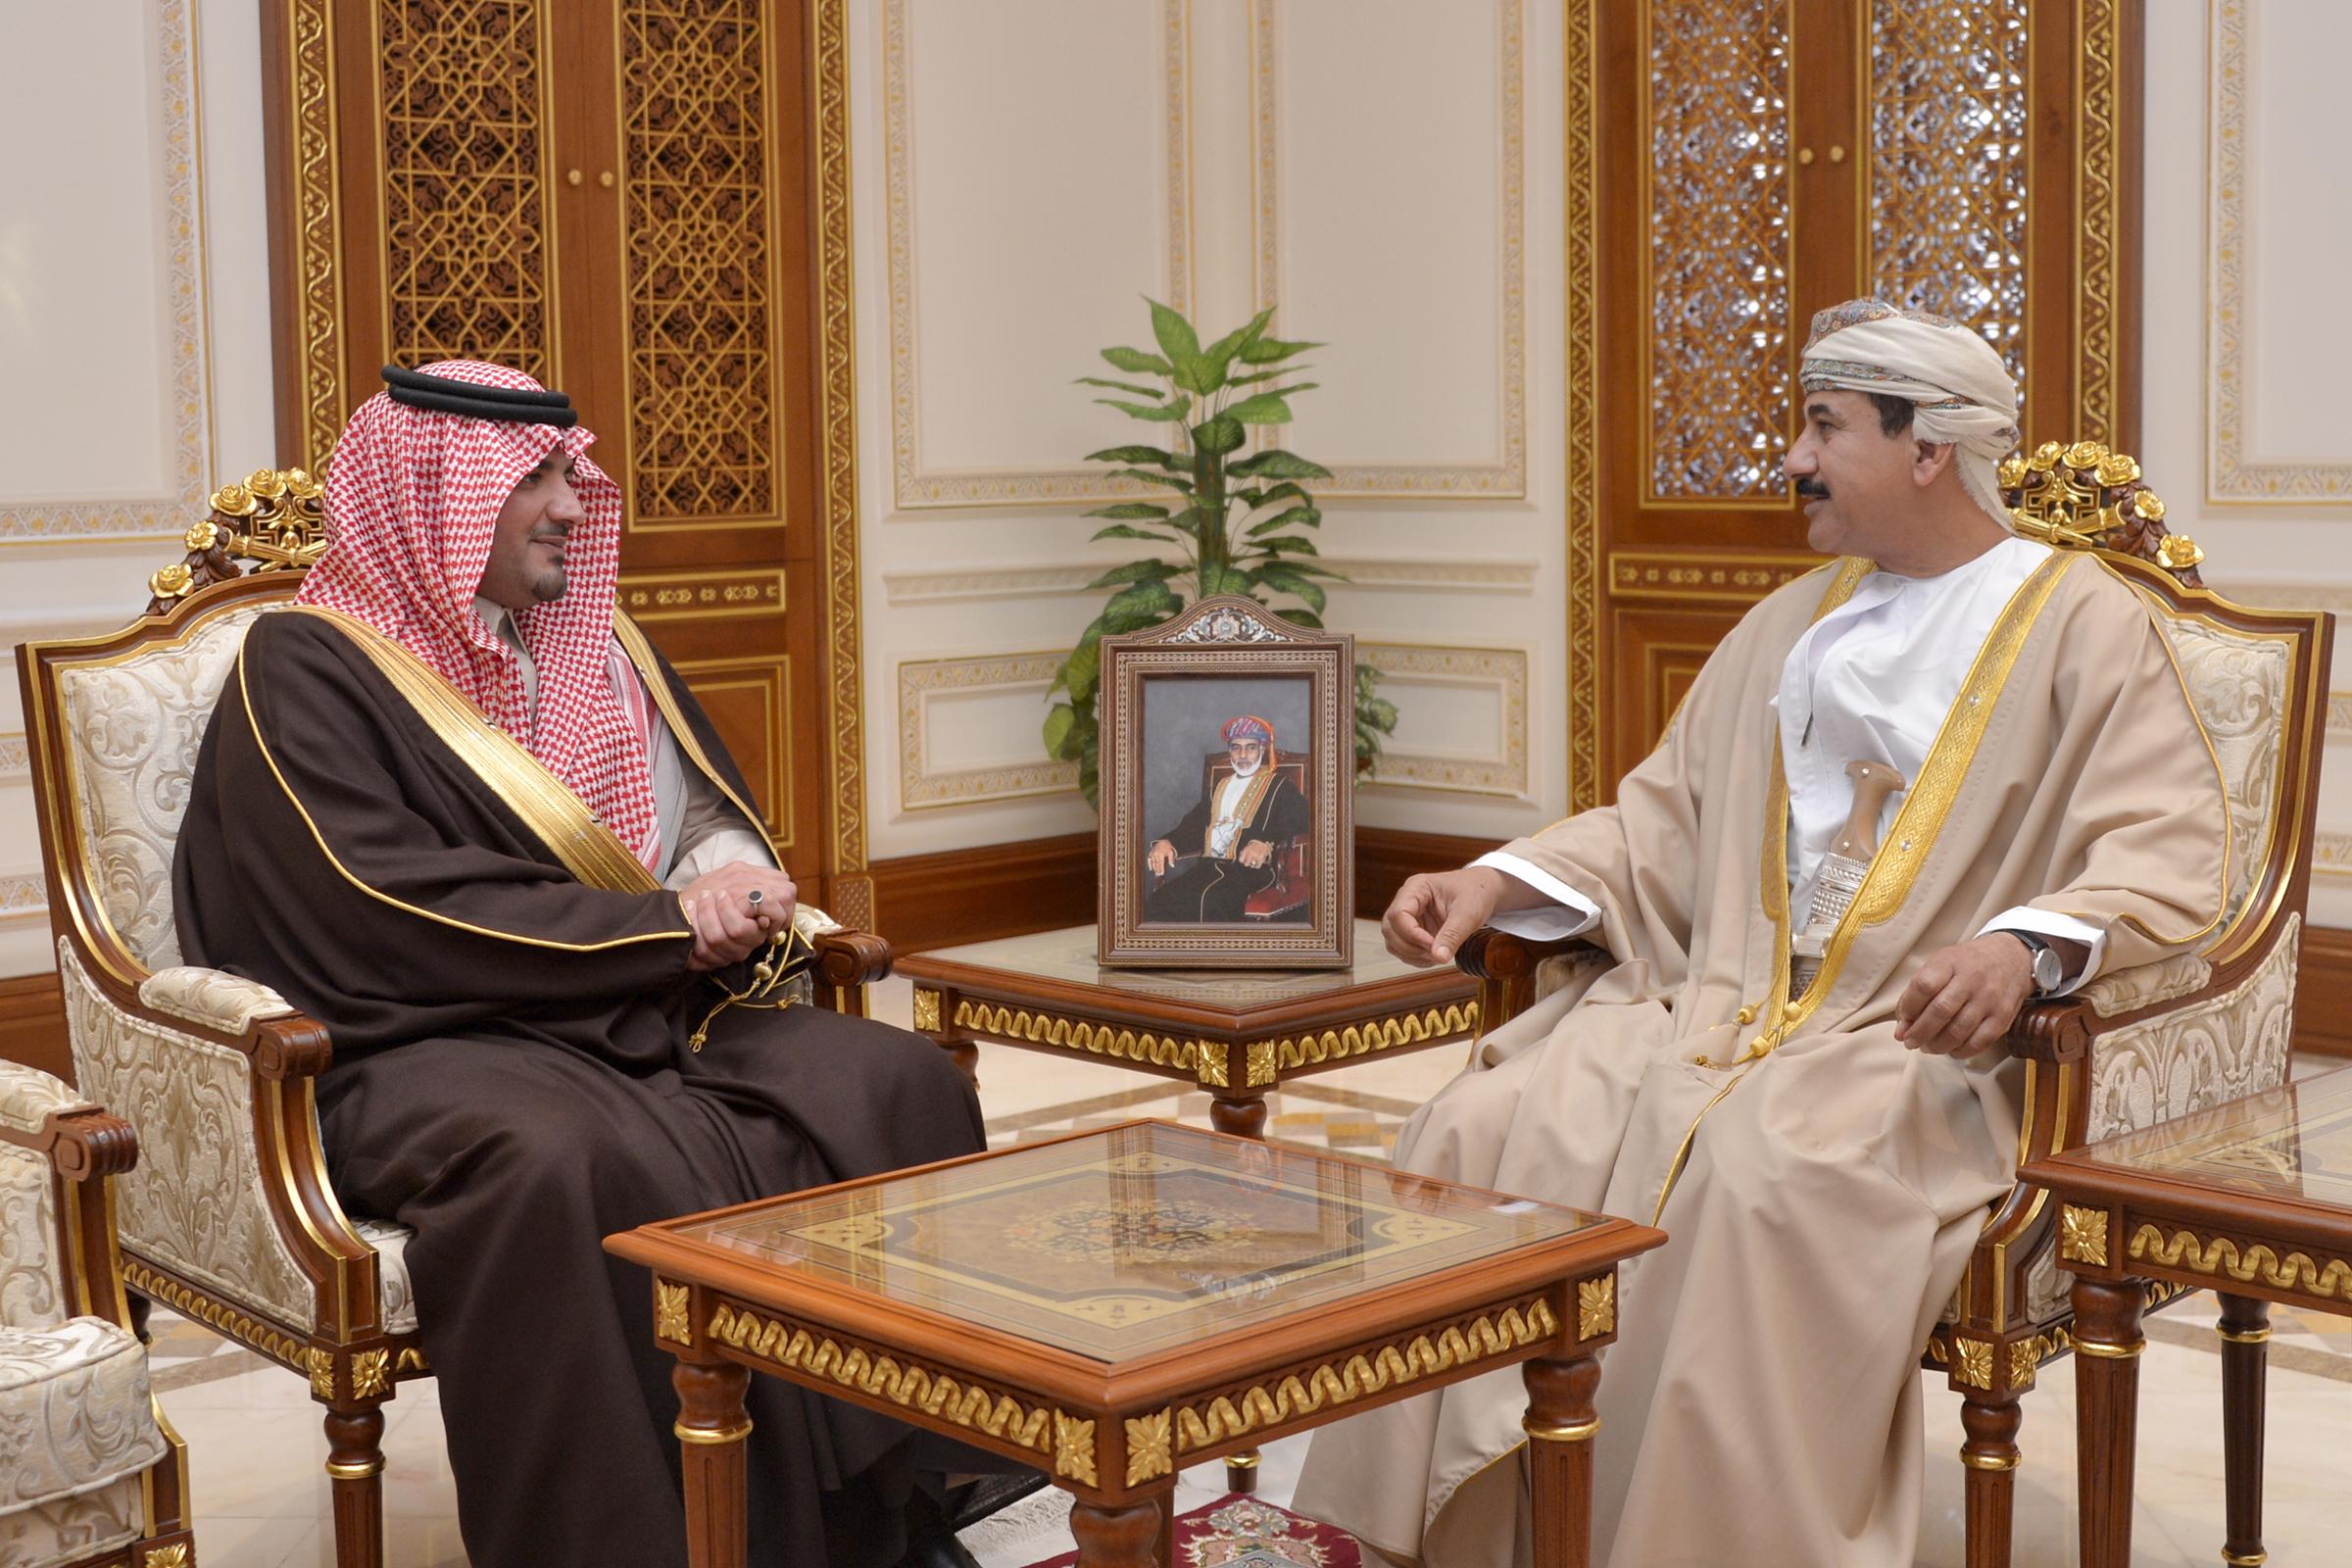 النعماني يستقبل وزير الداخلية السعودي